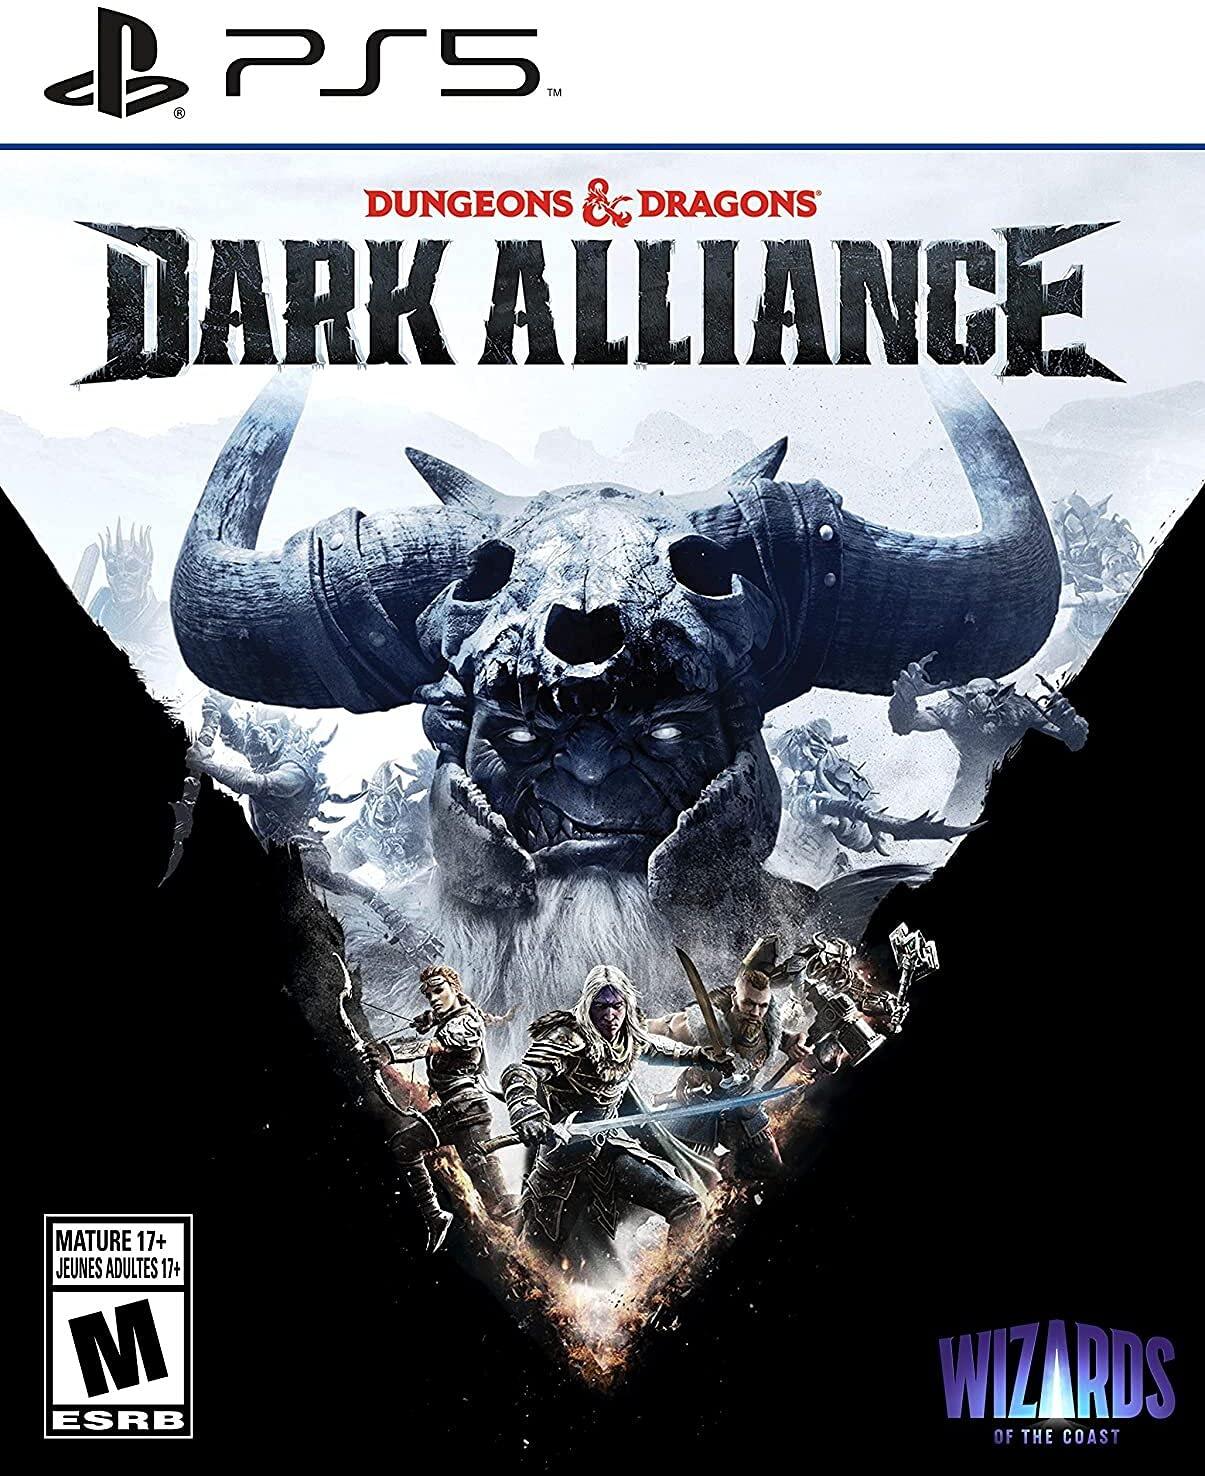 Poster. Dungeons & Dragons: Dark Alliance